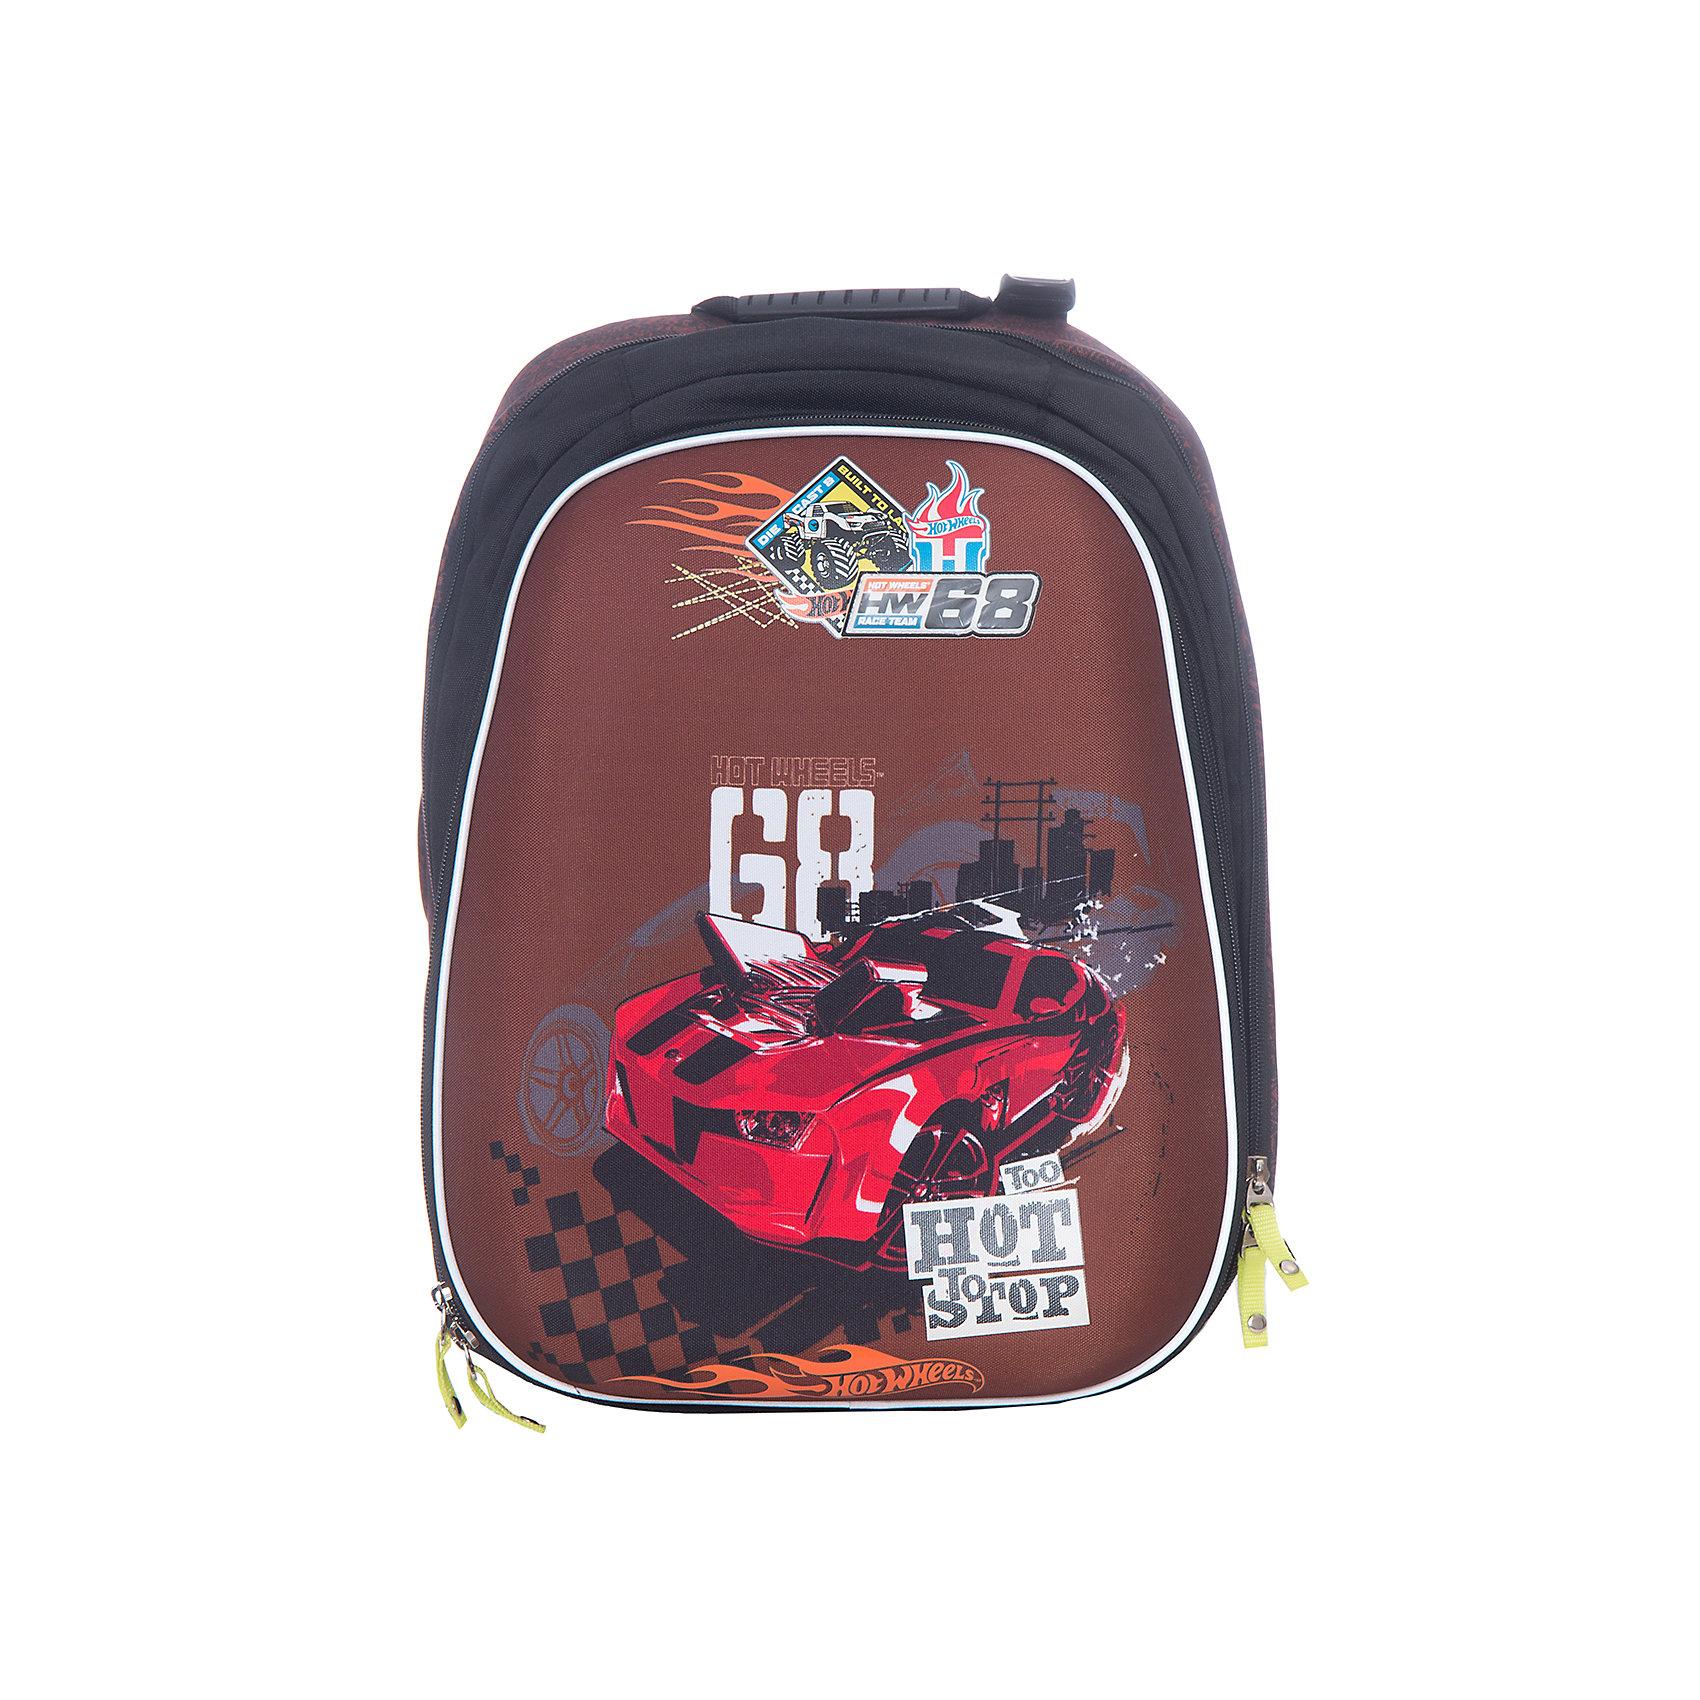 Рюкзак с эргономичной спинкой Hot Wheels Racing ( модель Com.Pack )Рюкзаки<br><br><br>Ширина мм: 400<br>Глубина мм: 280<br>Высота мм: 170<br>Вес г: 1327<br>Возраст от месяцев: 72<br>Возраст до месяцев: 132<br>Пол: Мужской<br>Возраст: Детский<br>SKU: 6878889